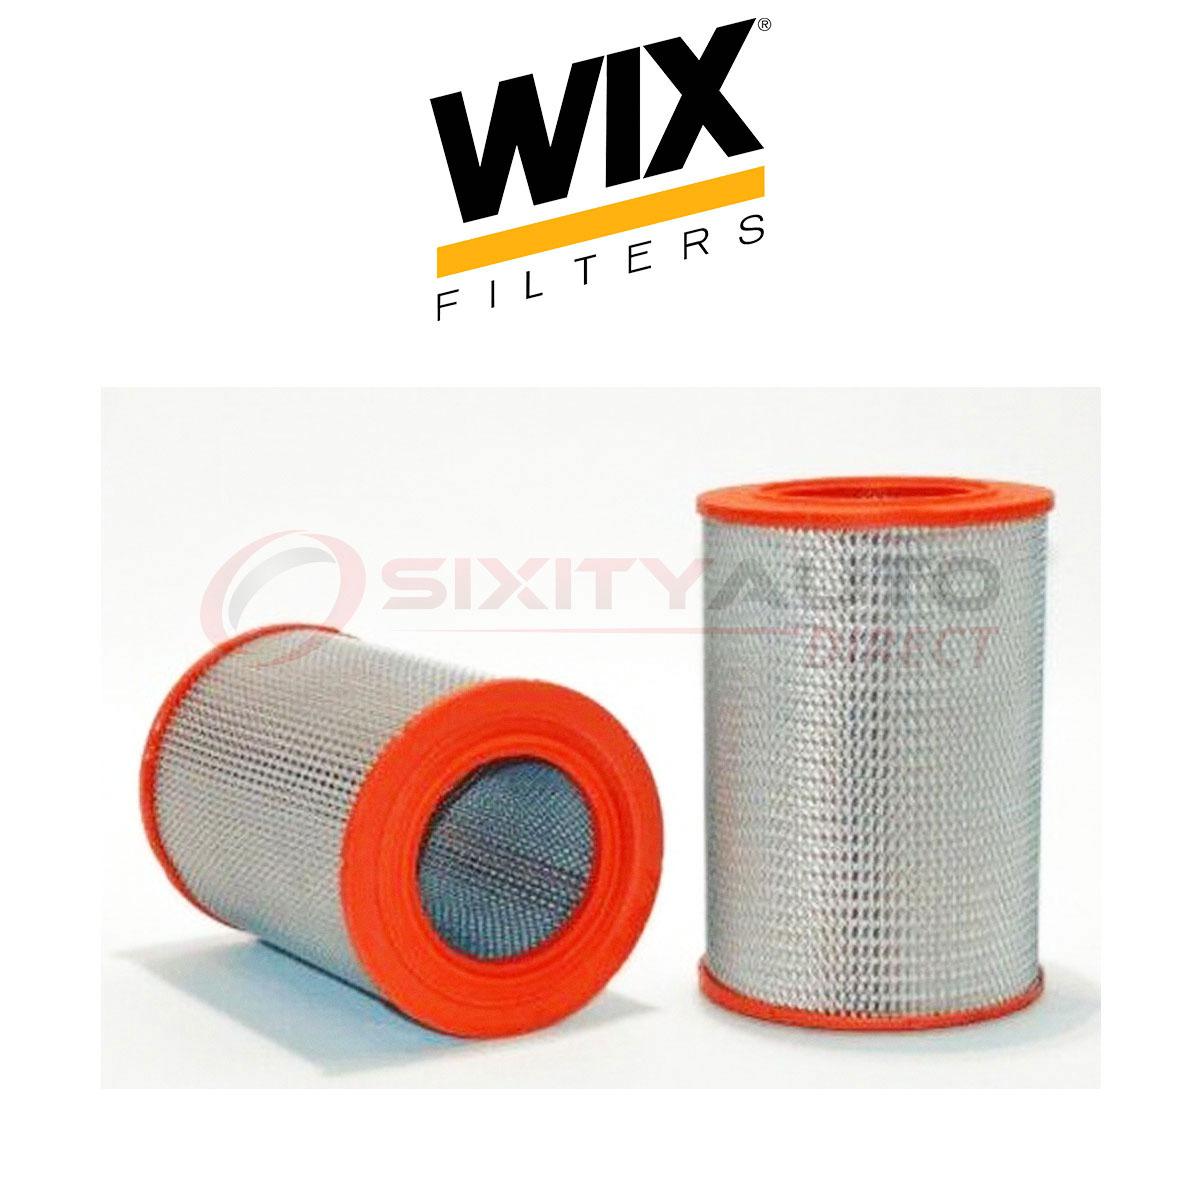 Filtration System dm WIX Air Filter for 2004 Chevrolet Venture 3.4L V6